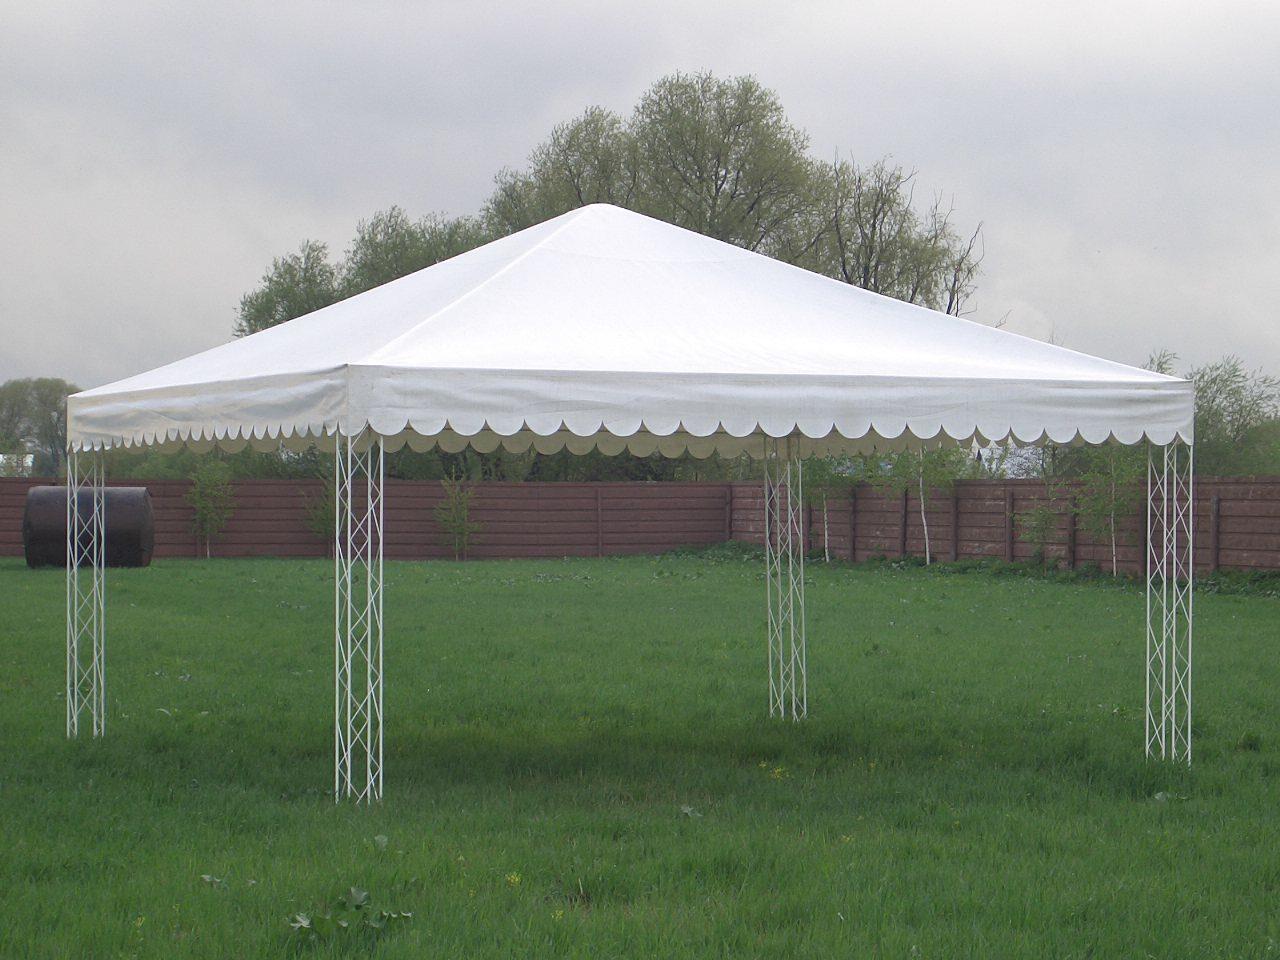 Изготовим и установим дачные шатры тентовые садовые различных форм и размеров под любой бюджет. Имеем собственное производство каркасов и покрытий https://bat-co.ru/